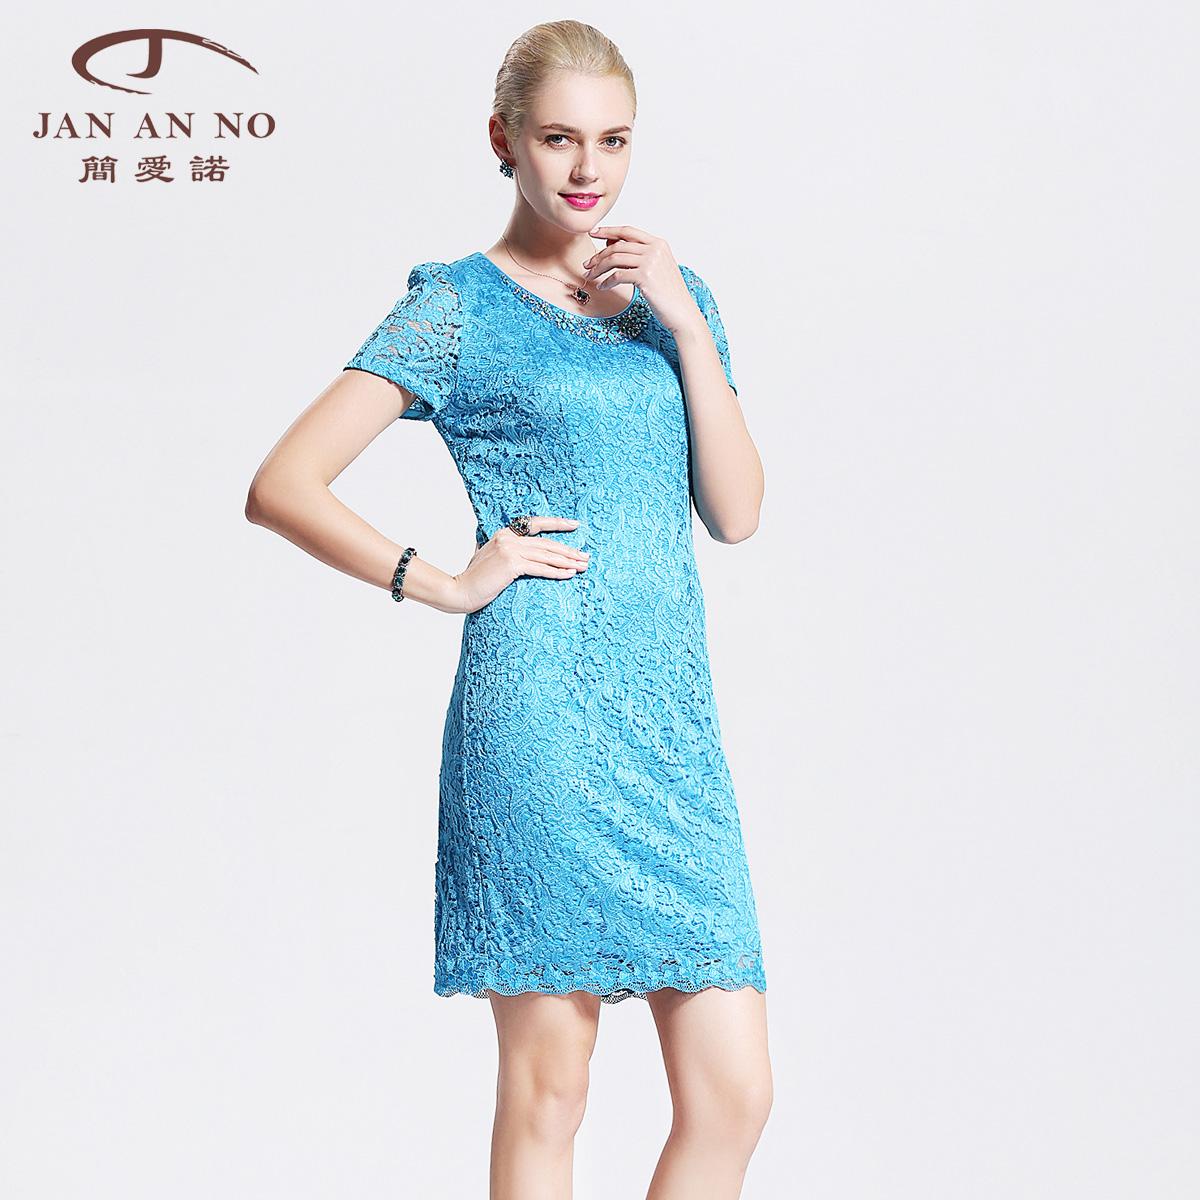 简爱诺中年女装蕾丝连衣裙包裙女夏2018新款修身包臀裙J510098LQ